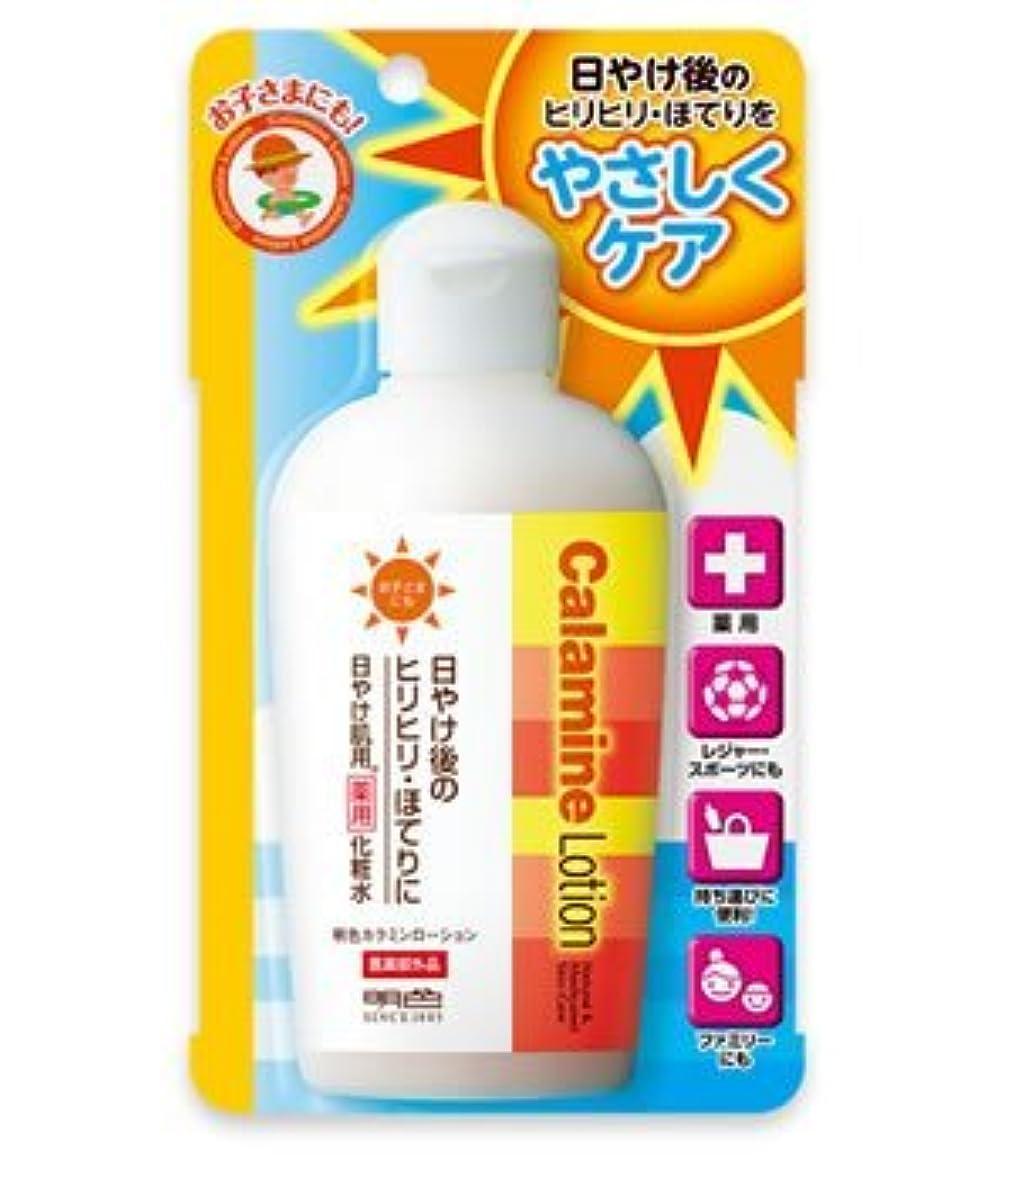 物質関係ないリフト(明色)カラミンローション155ml(医薬部外品)